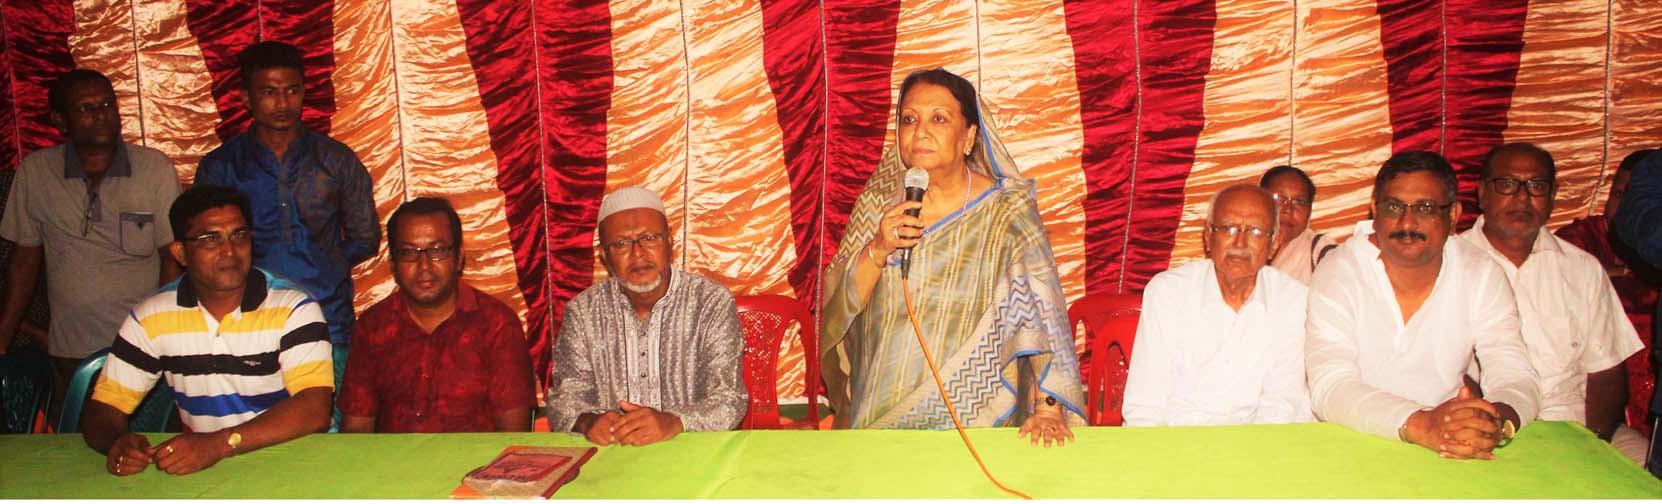 কেশবপুরে এমপি ইসমাত আরা সাদেক'র পূজা মন্ডপ পরিদর্শন